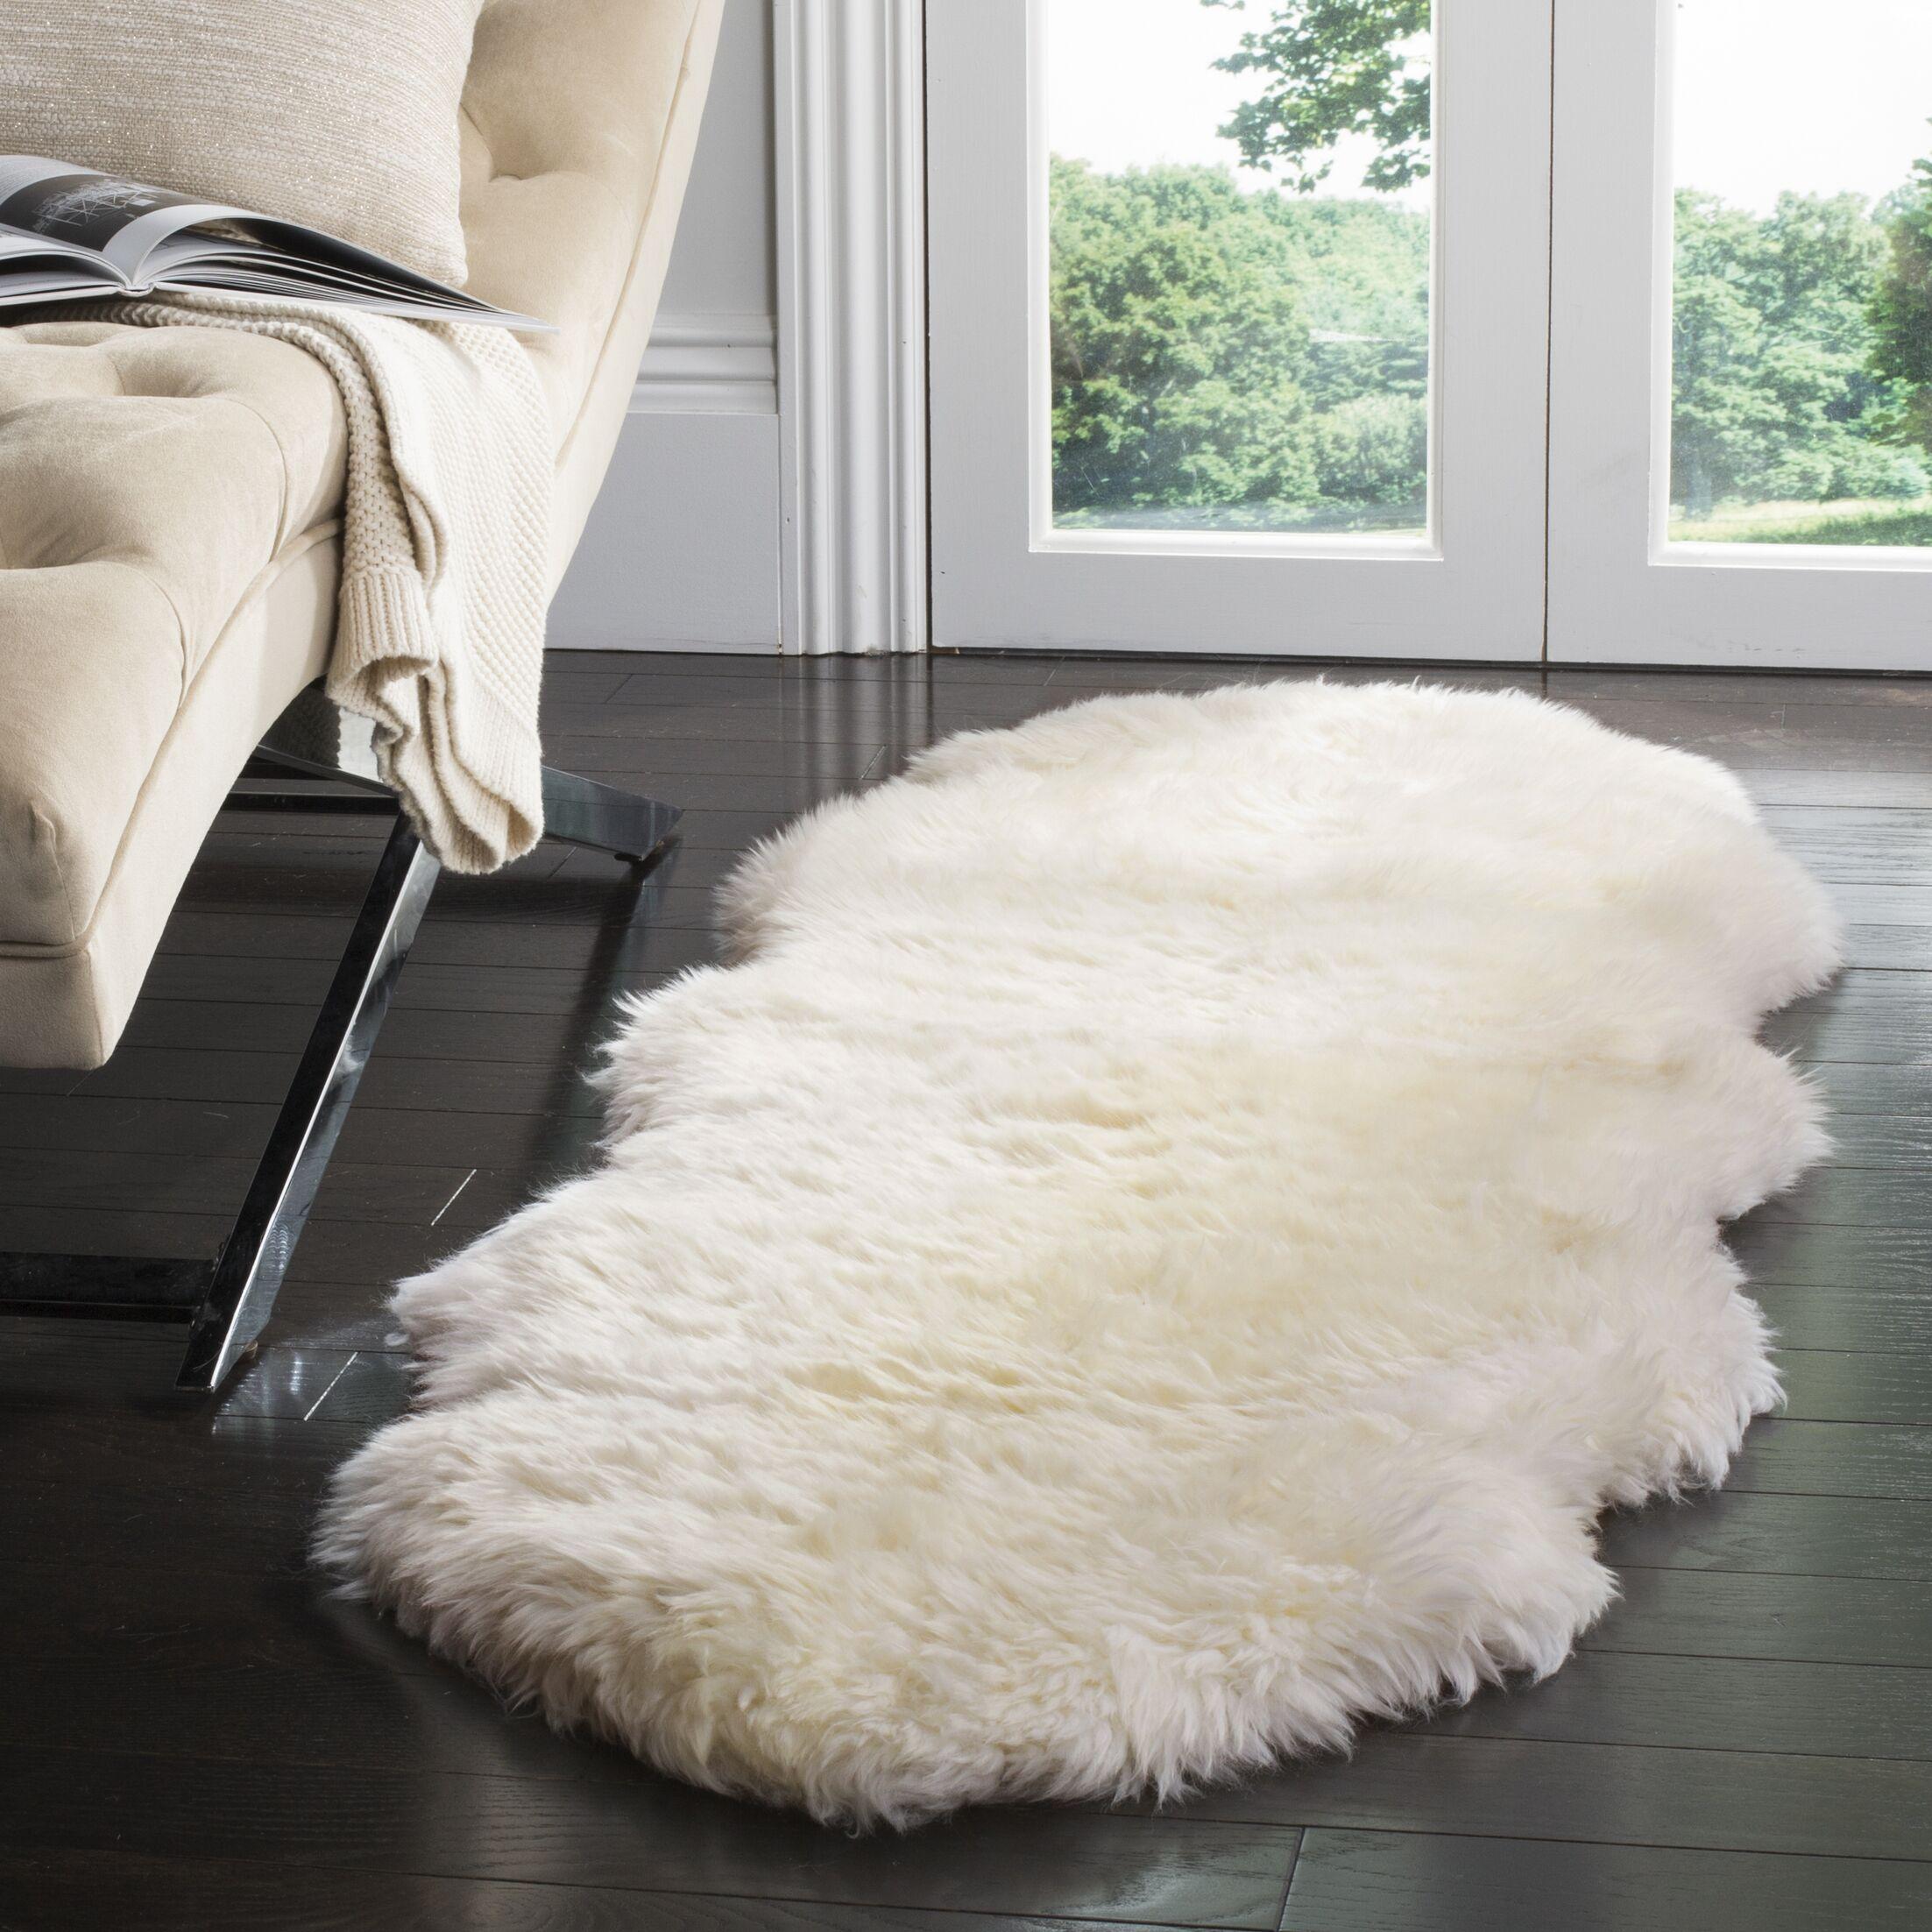 Allison Hand-Woven Faux Sheepskin White Area Rug Rug Size: Sheepskin 2' x 6'